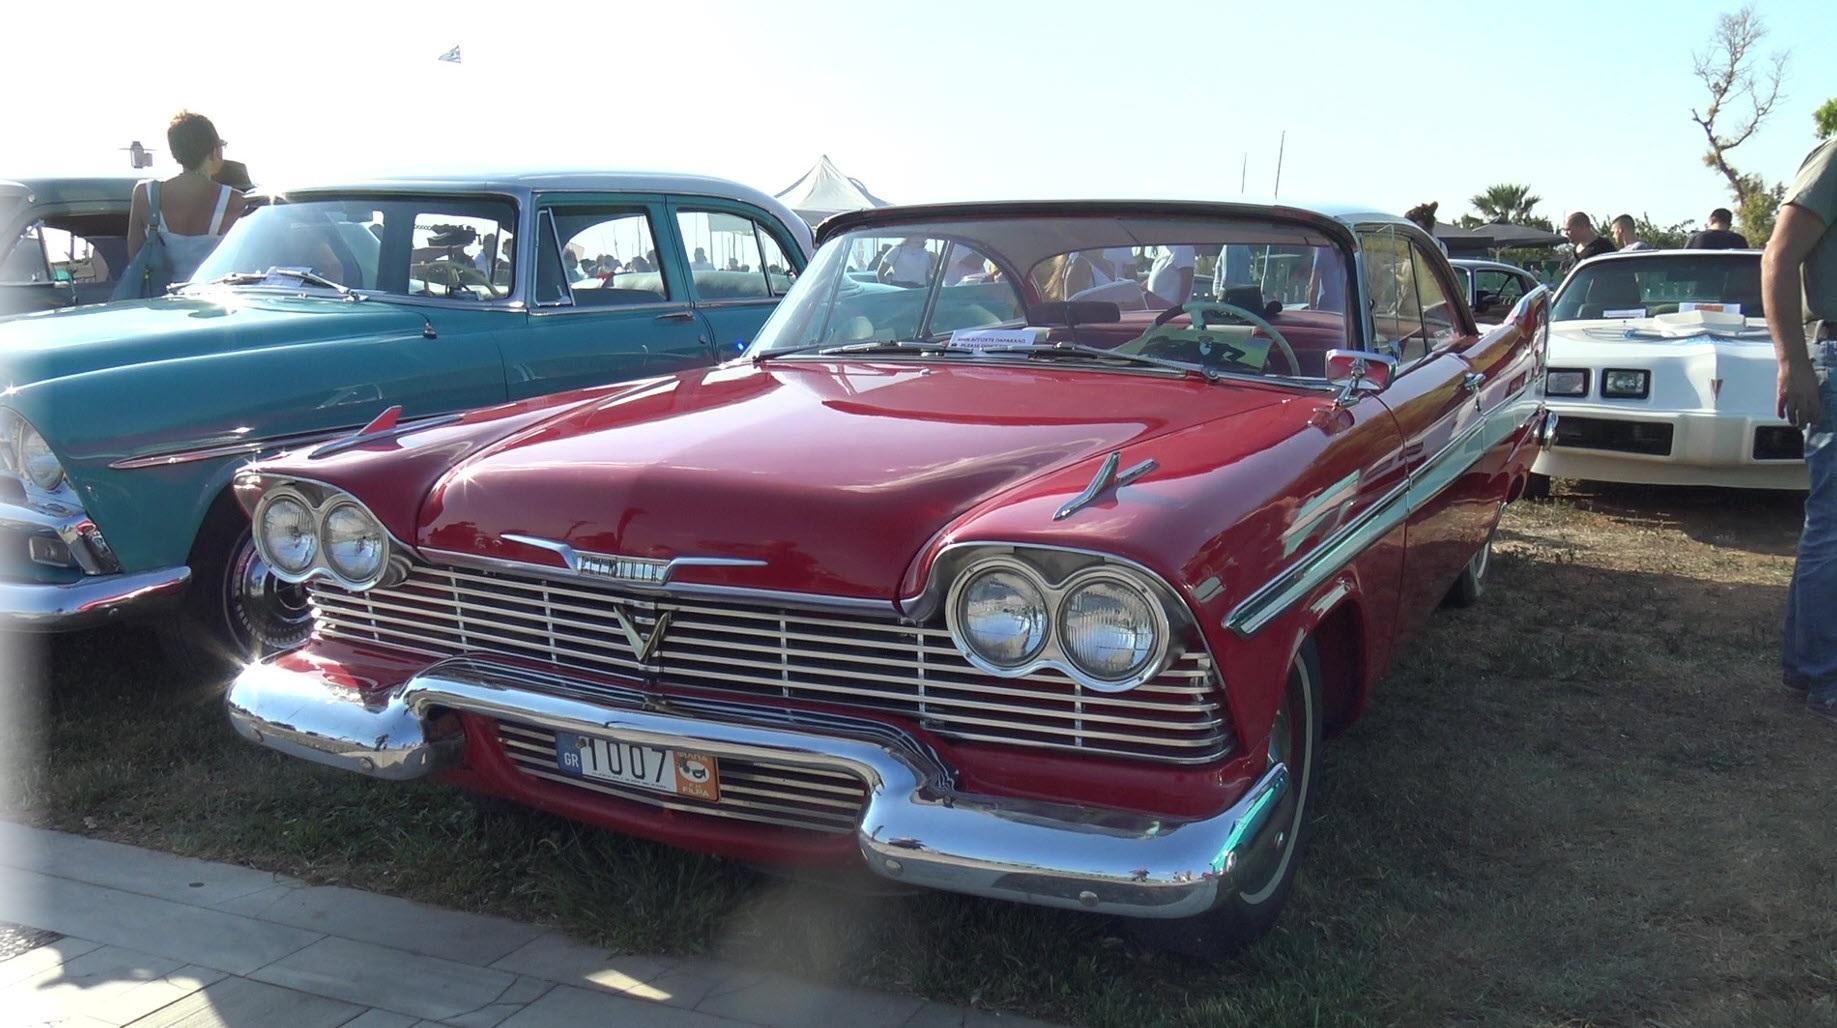 Οι εντυπωσιακές εκδηλώσεις του Αλίμου με κλασικά αυτοκίνητα και μοτοσυκλέτες